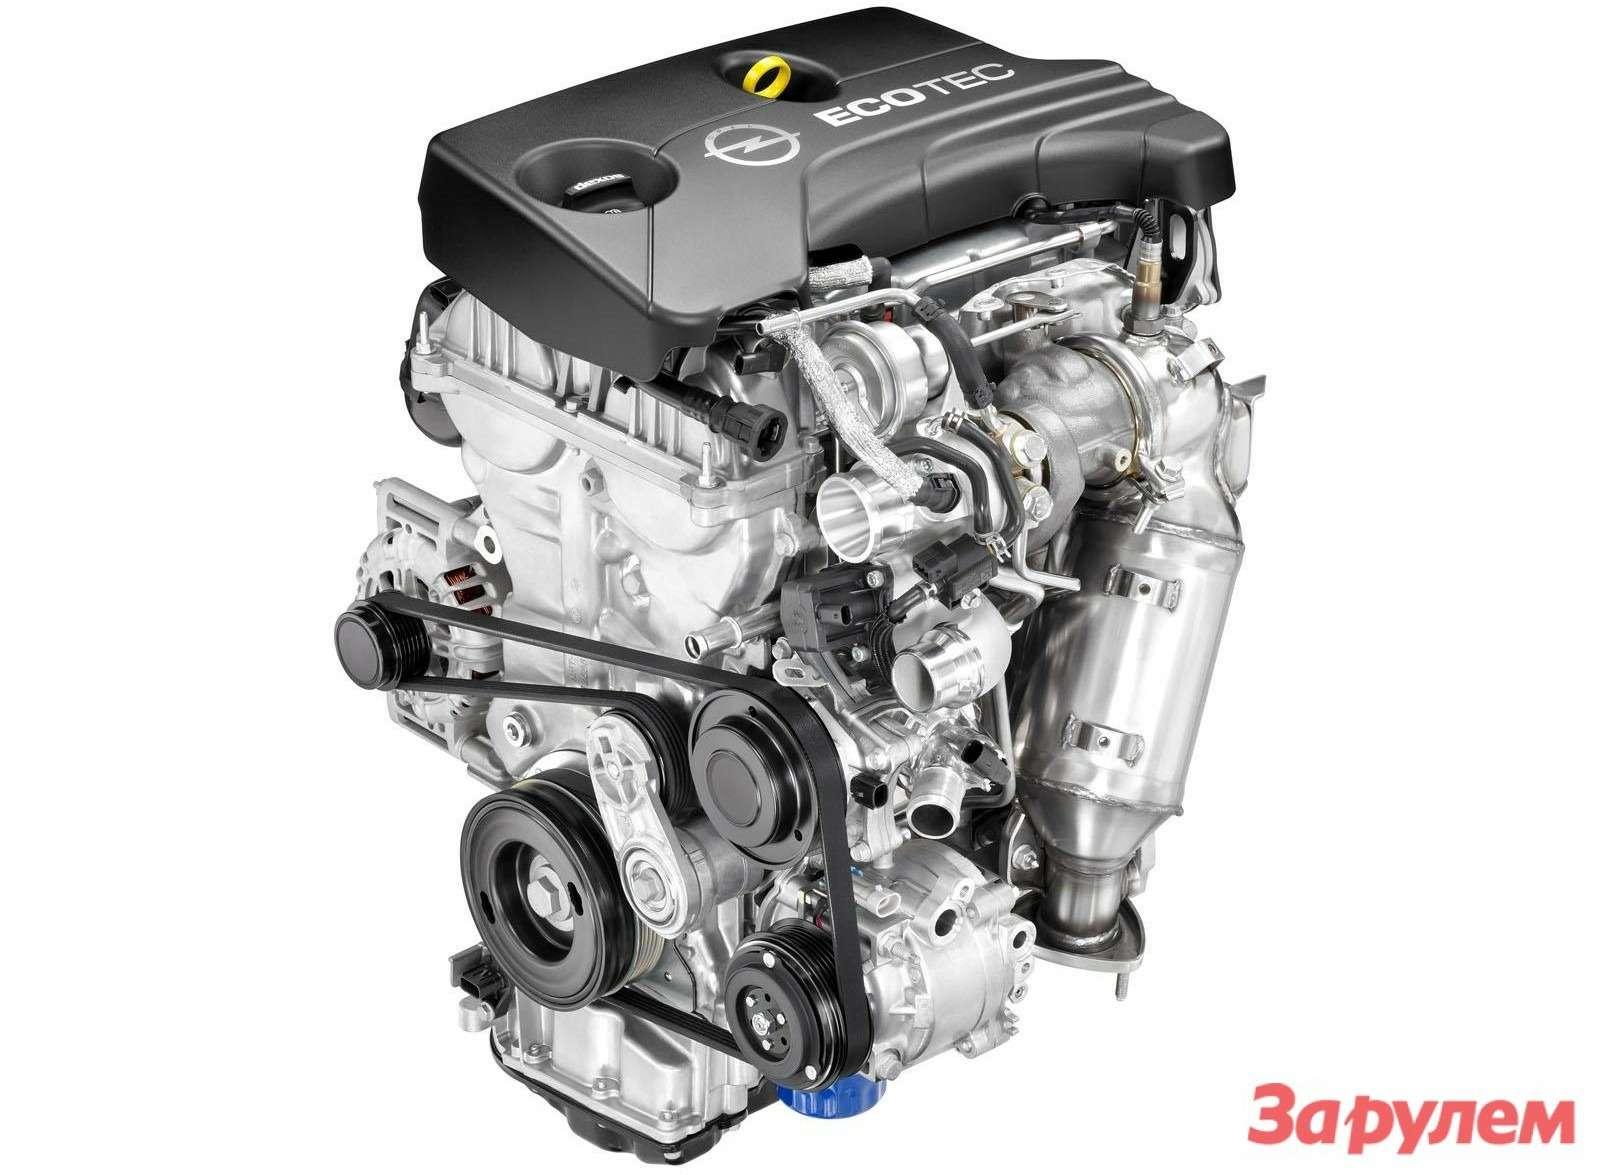 Новые моторы GMсерии Ecotec